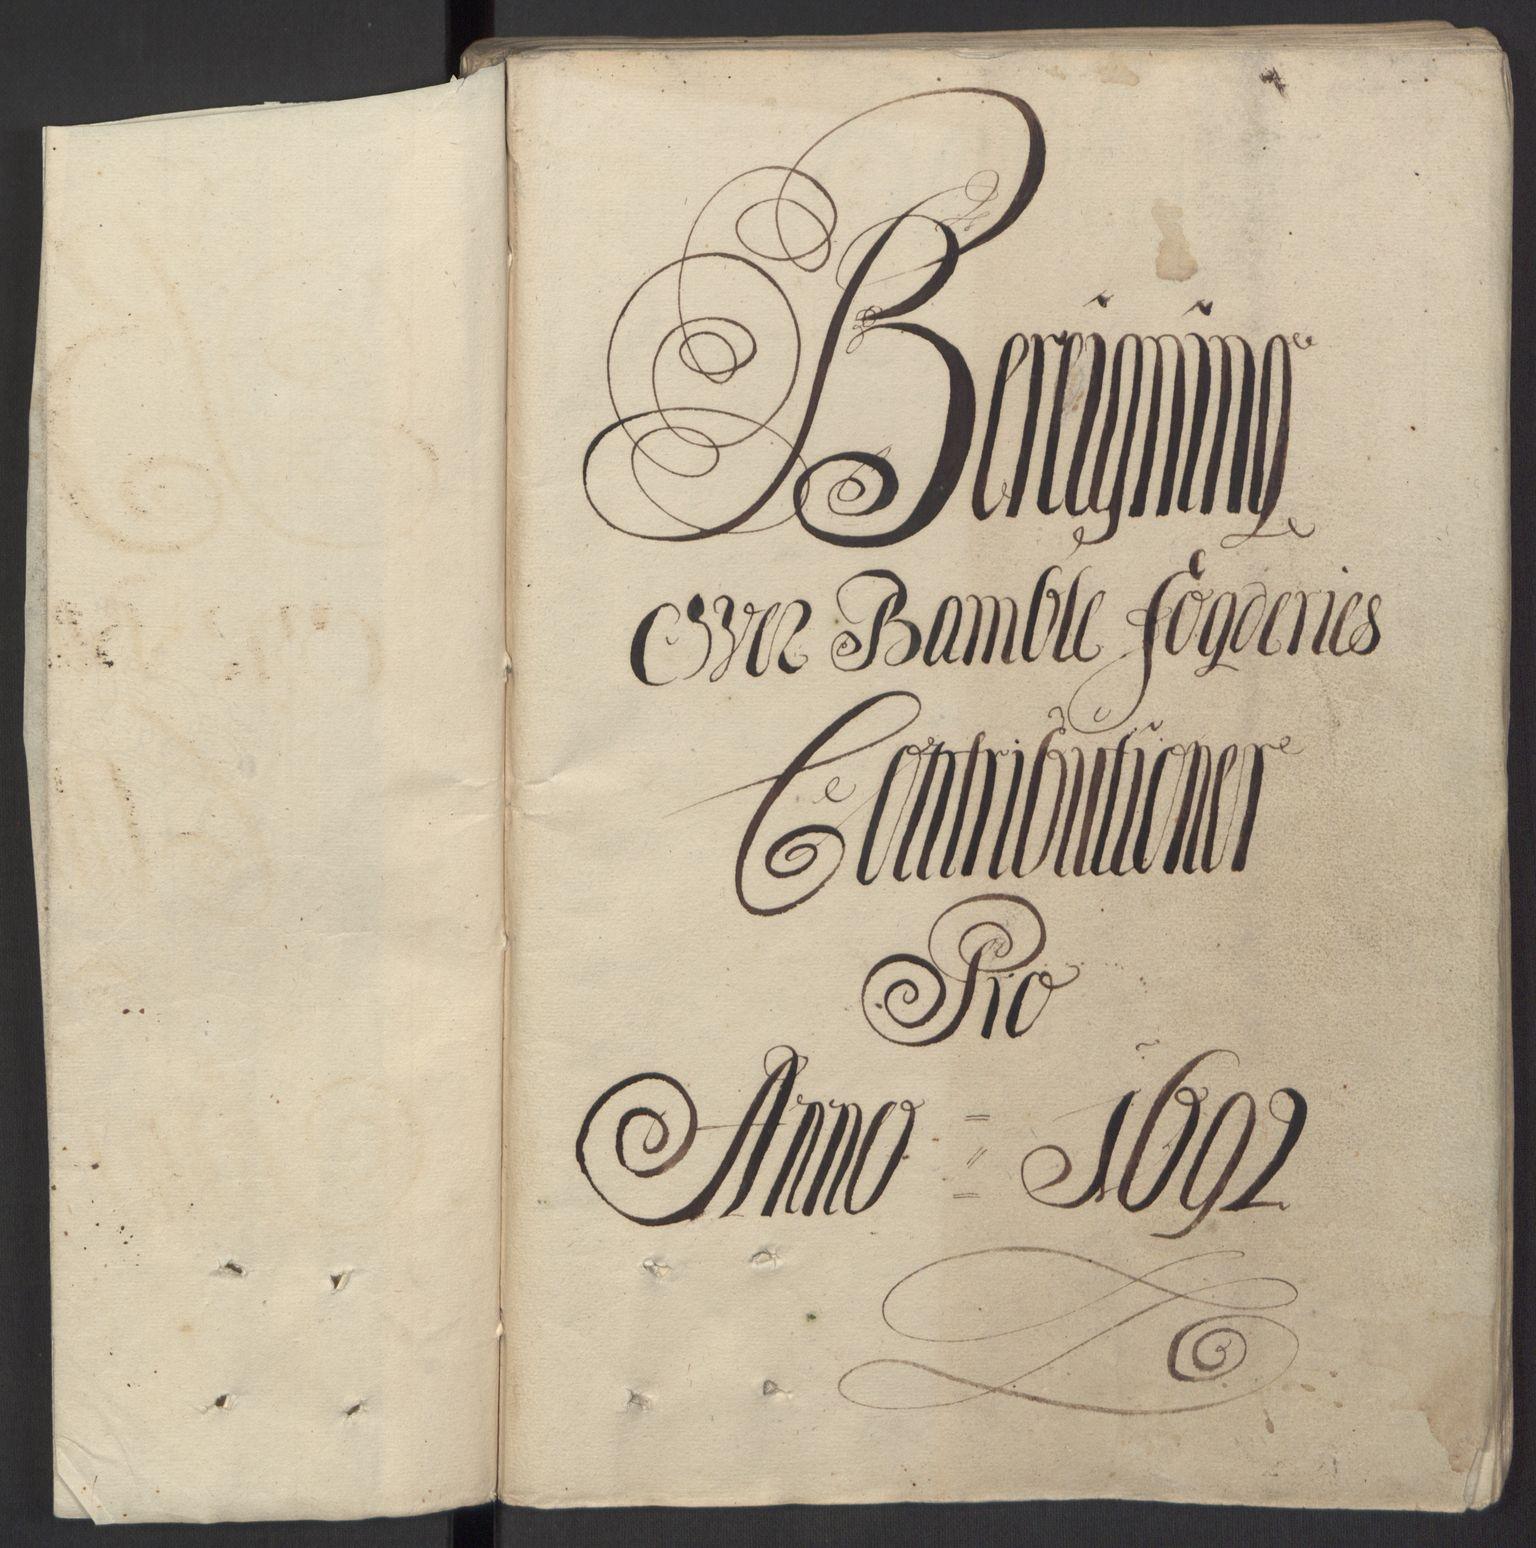 RA, Rentekammeret inntil 1814, Reviderte regnskaper, Fogderegnskap, R34/L2052: Fogderegnskap Bamble, 1692-1693, s. 63